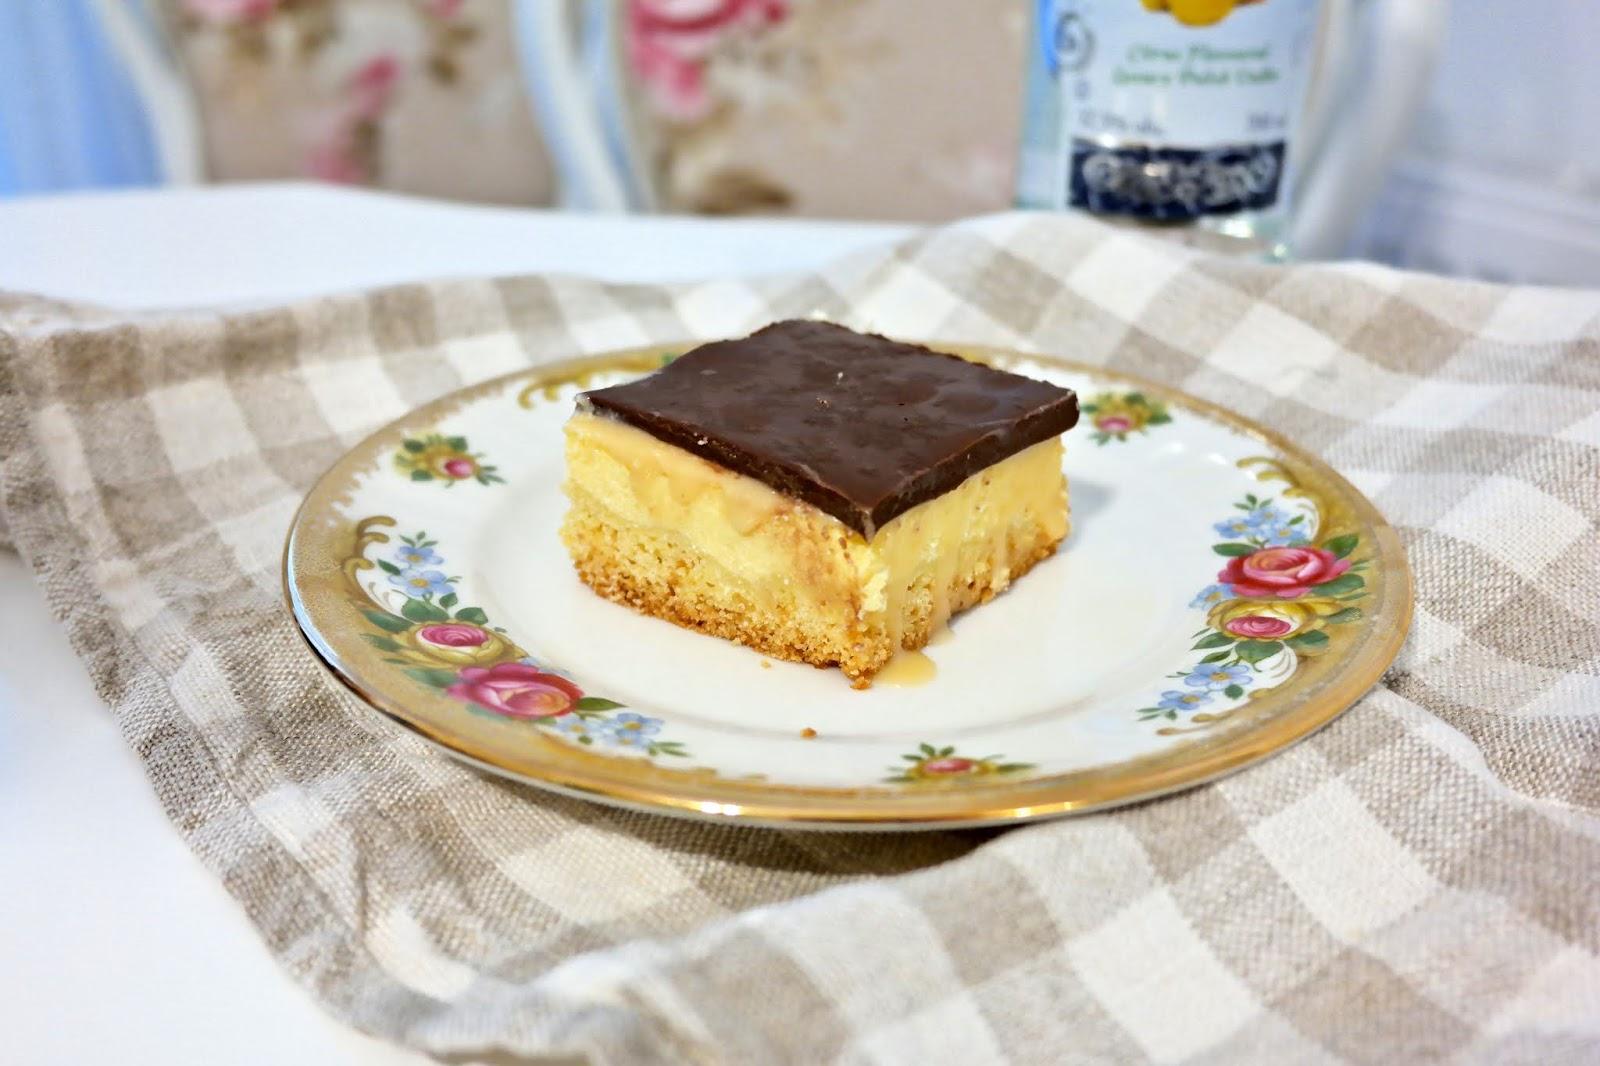 ciasto twix przepis